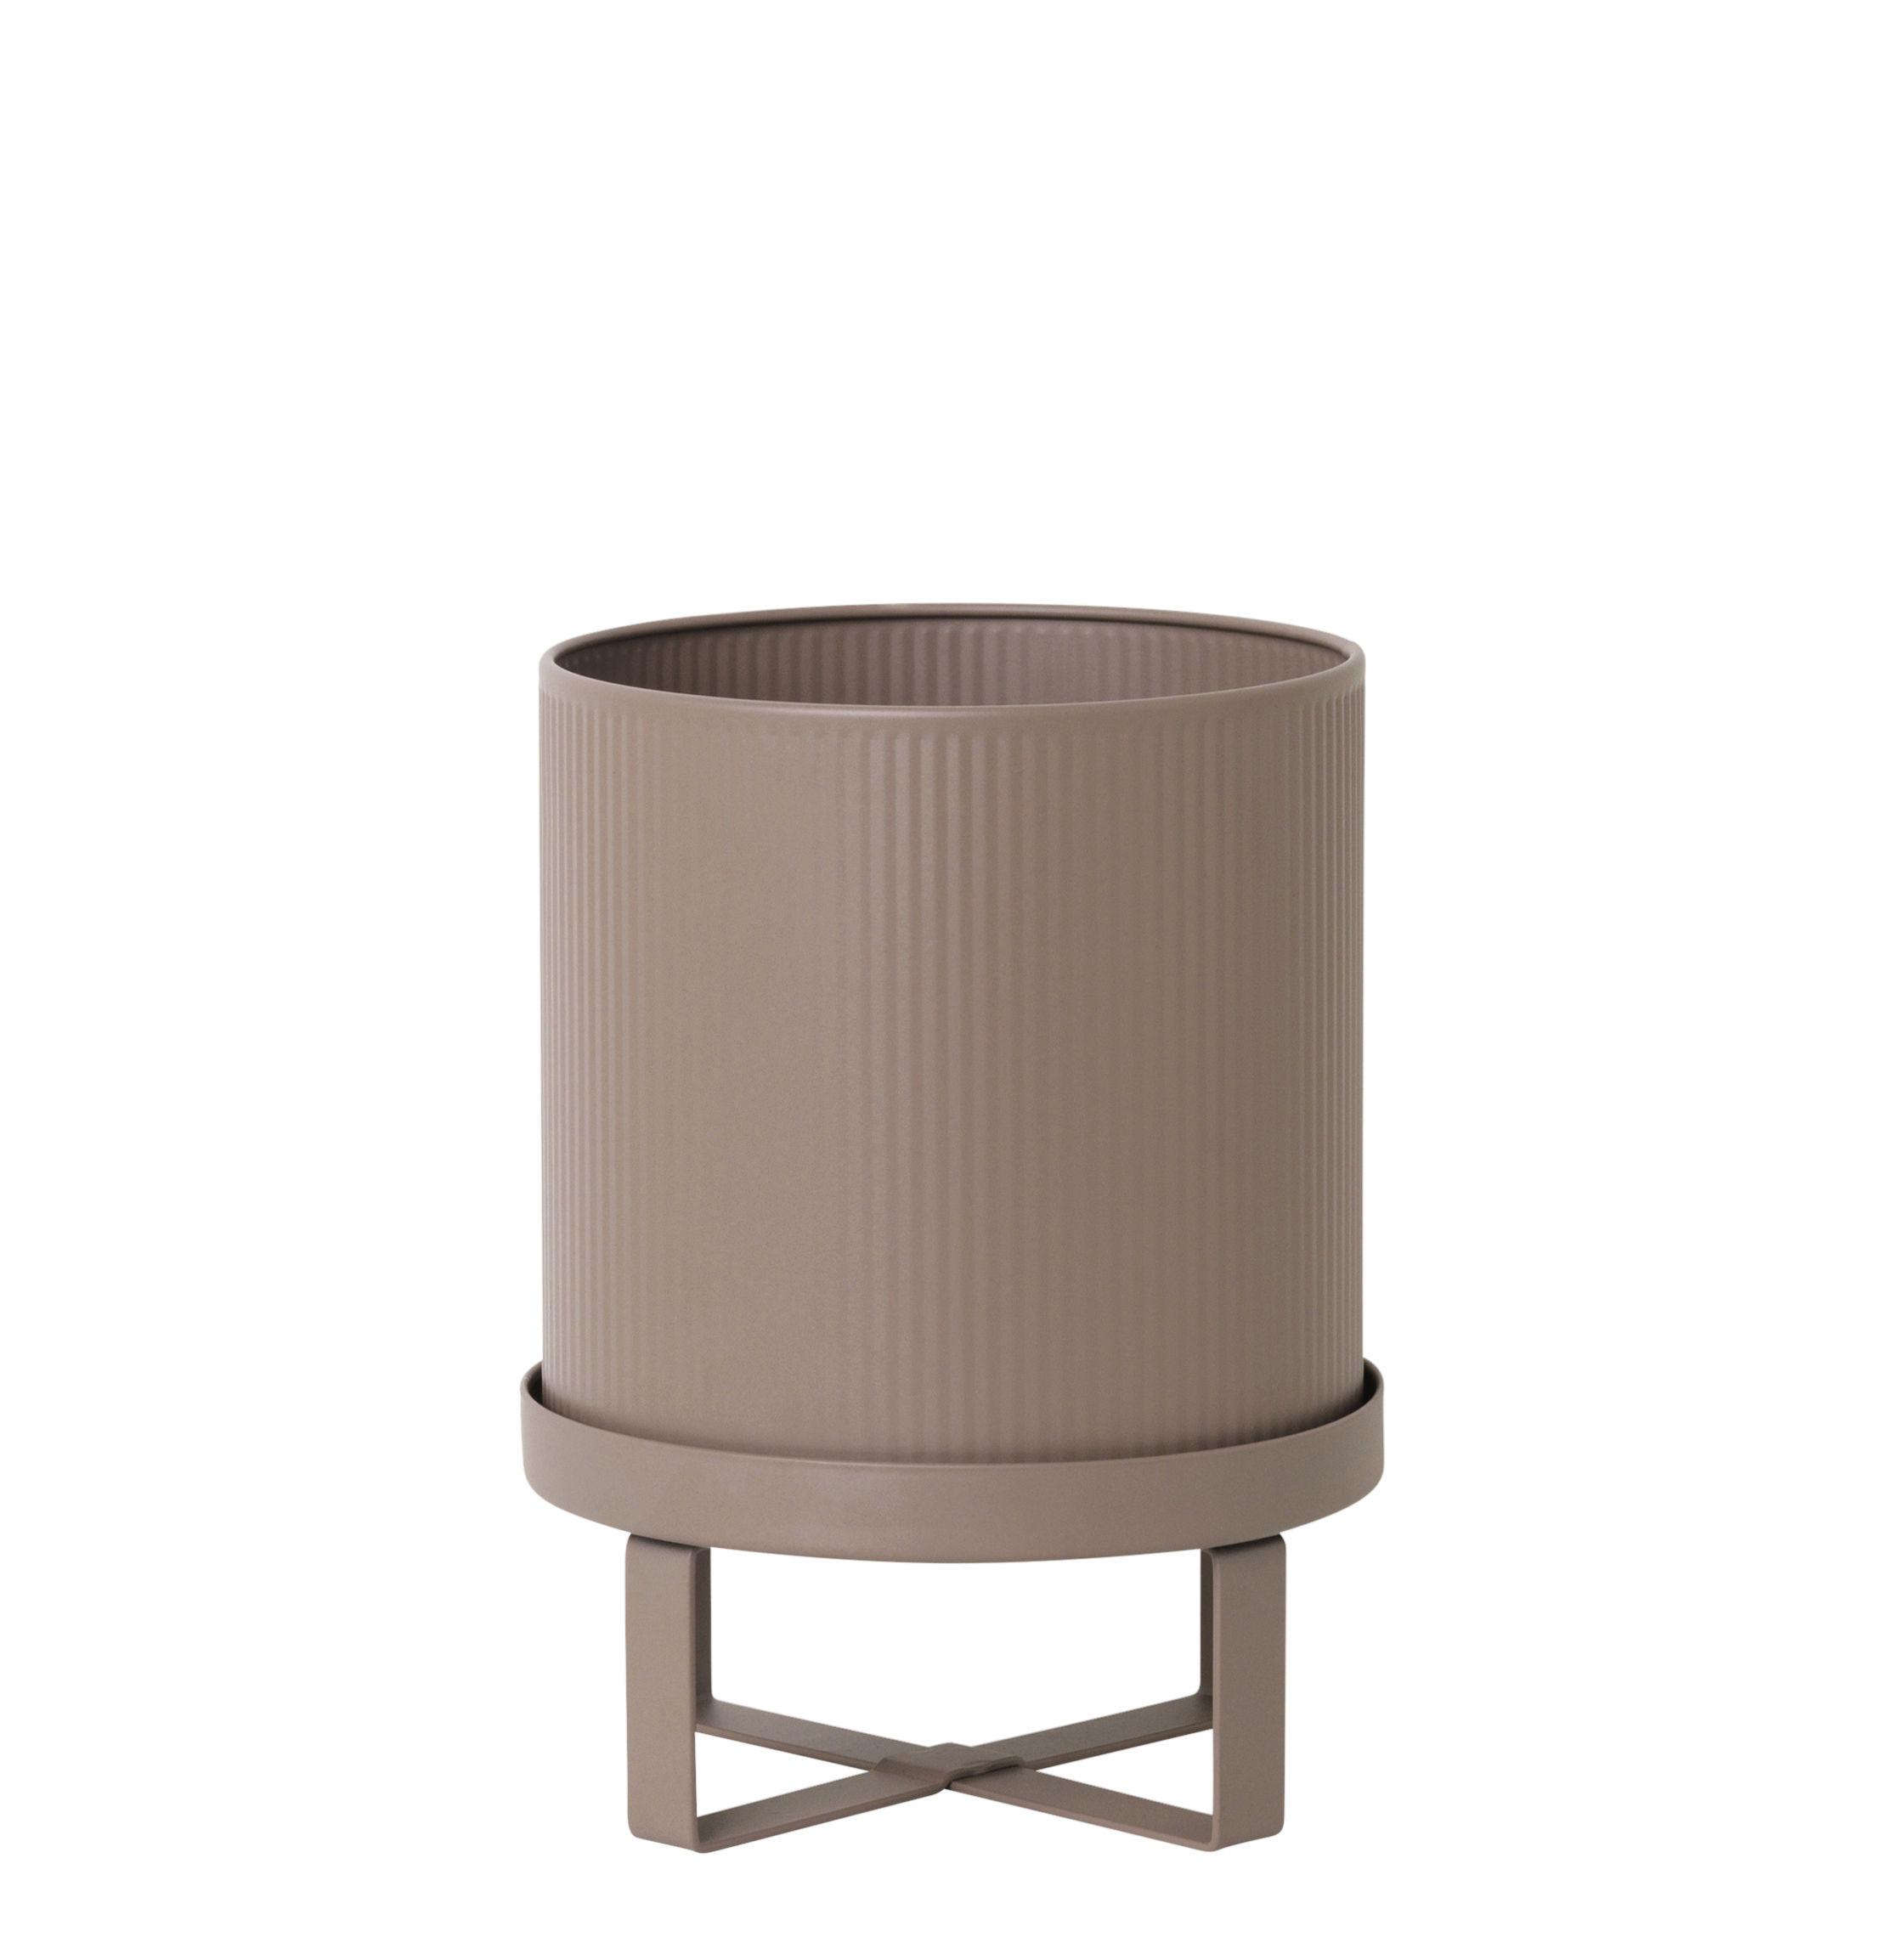 Outdoor - Vasi e Piante - Vaso per fiori Bau Small - / Ø 18 cm - Metallo di Ferm Living - Rosa antico - Acciaio galvanizzato